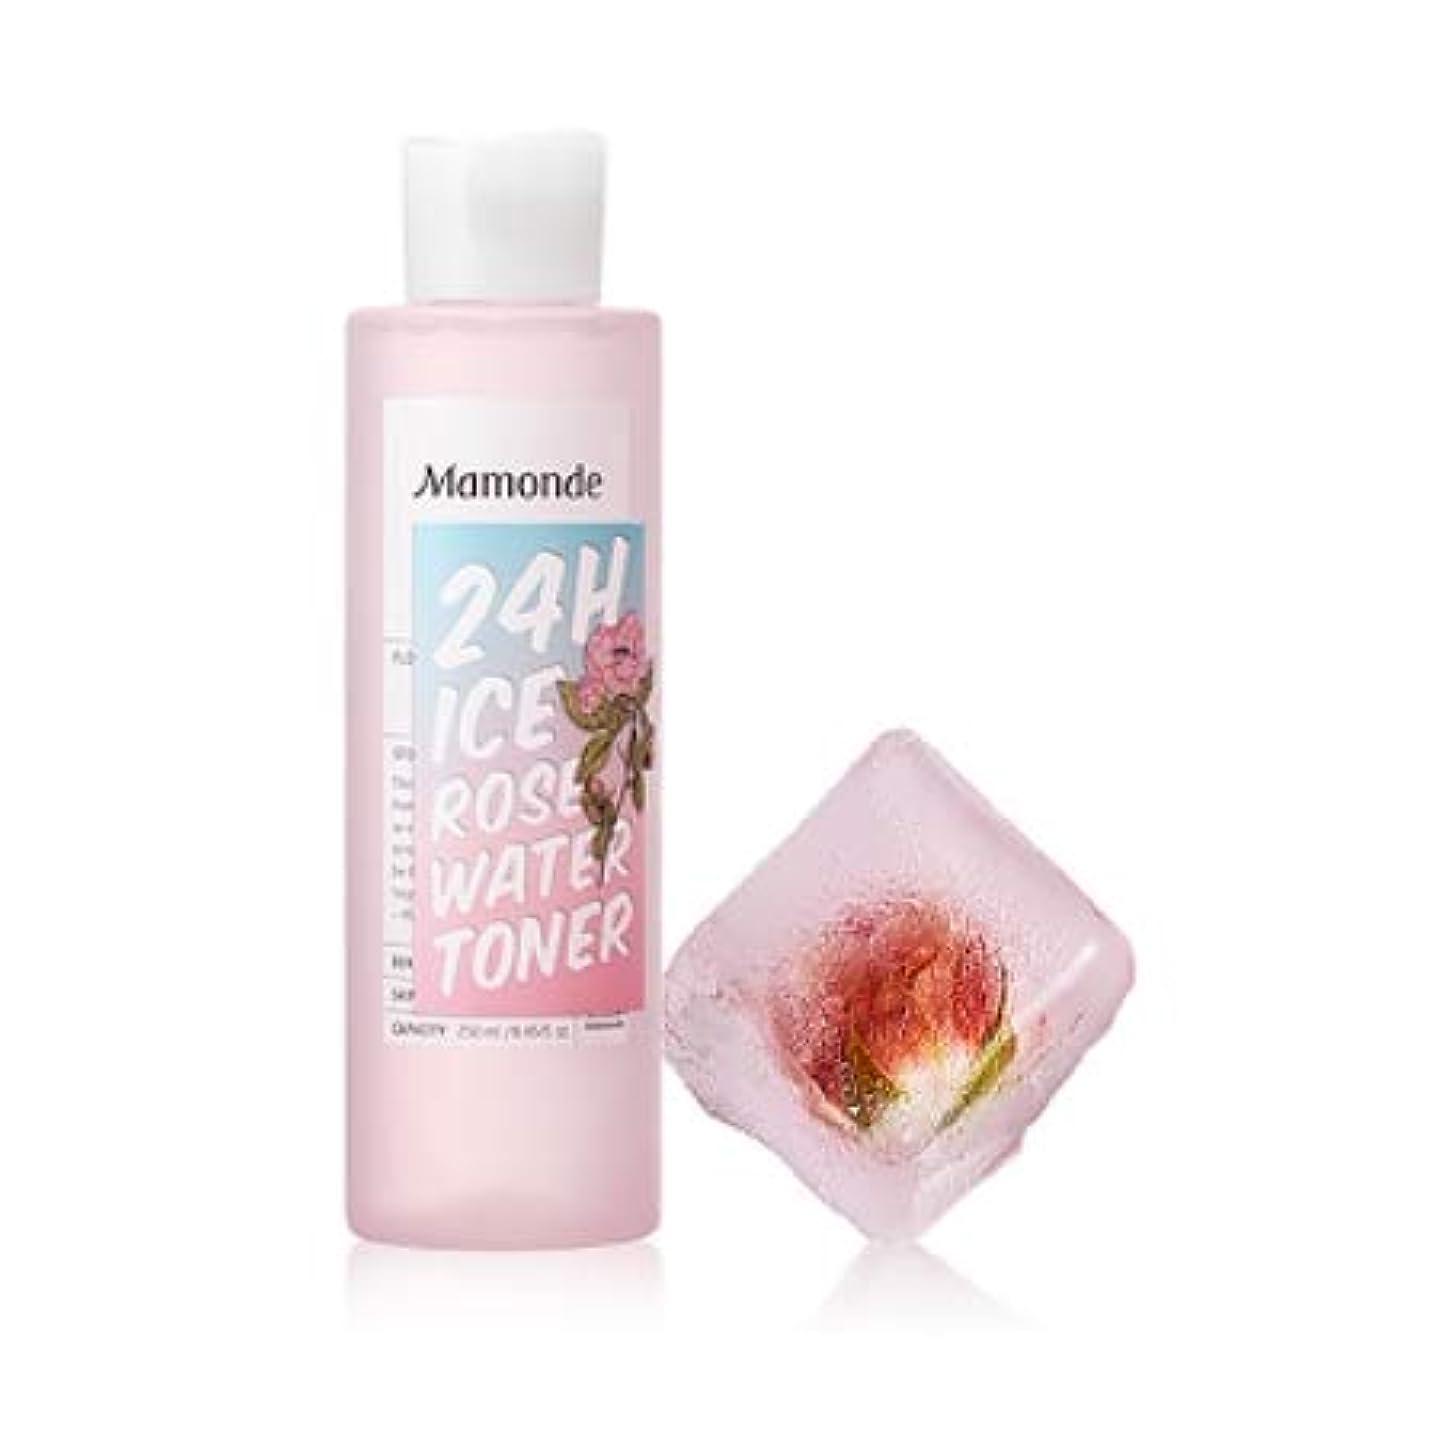 意志明らかお客様【マモンド.mamonde](公式)24Hアイスローズウォータートナー(250ml)(2019.05 new product)/ ice rose water toner